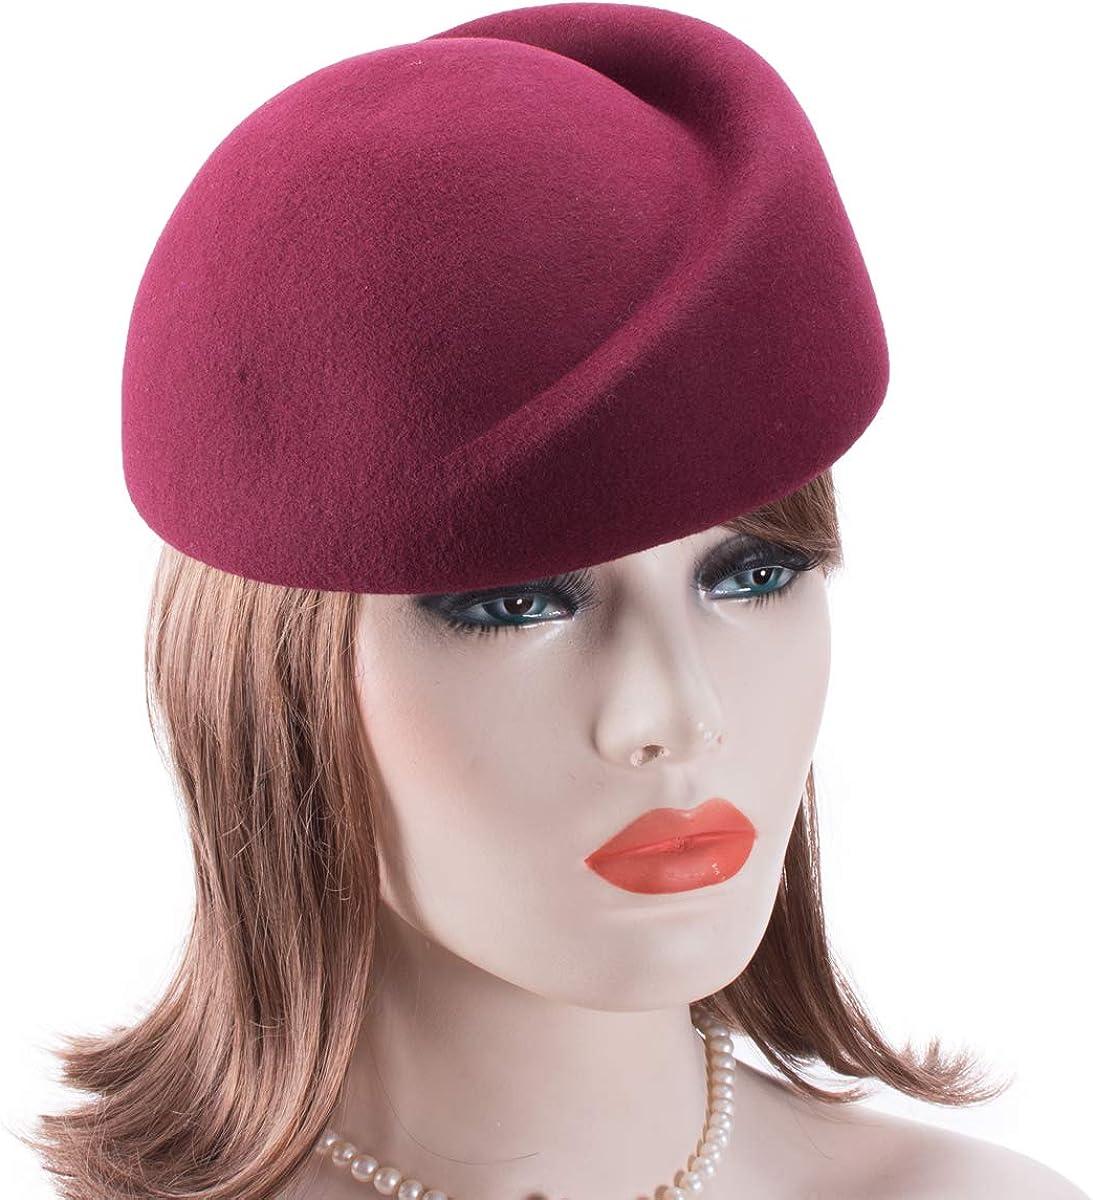 Cappello da donna in lana Lawliet stile vintage per creare cappelli a cerchio